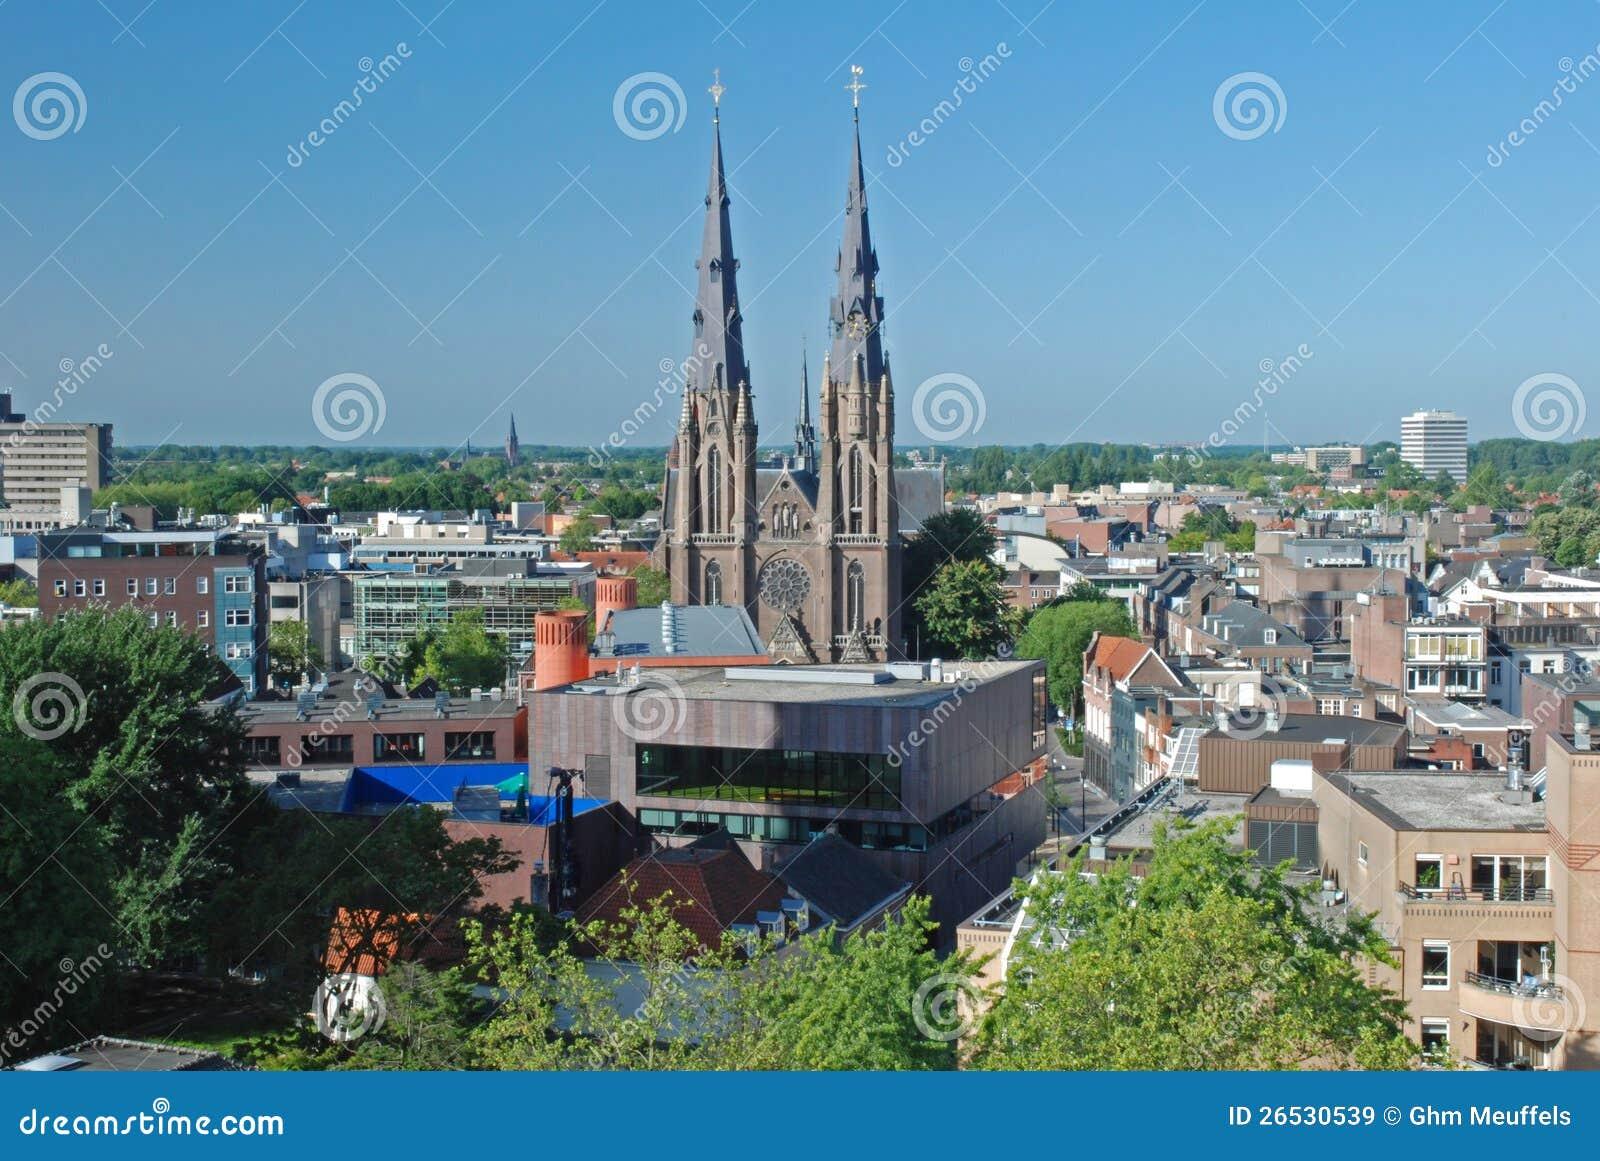 Όψη του Άιντχόβεν κεντρικός - Κάτω Χώρες - από το ύψος